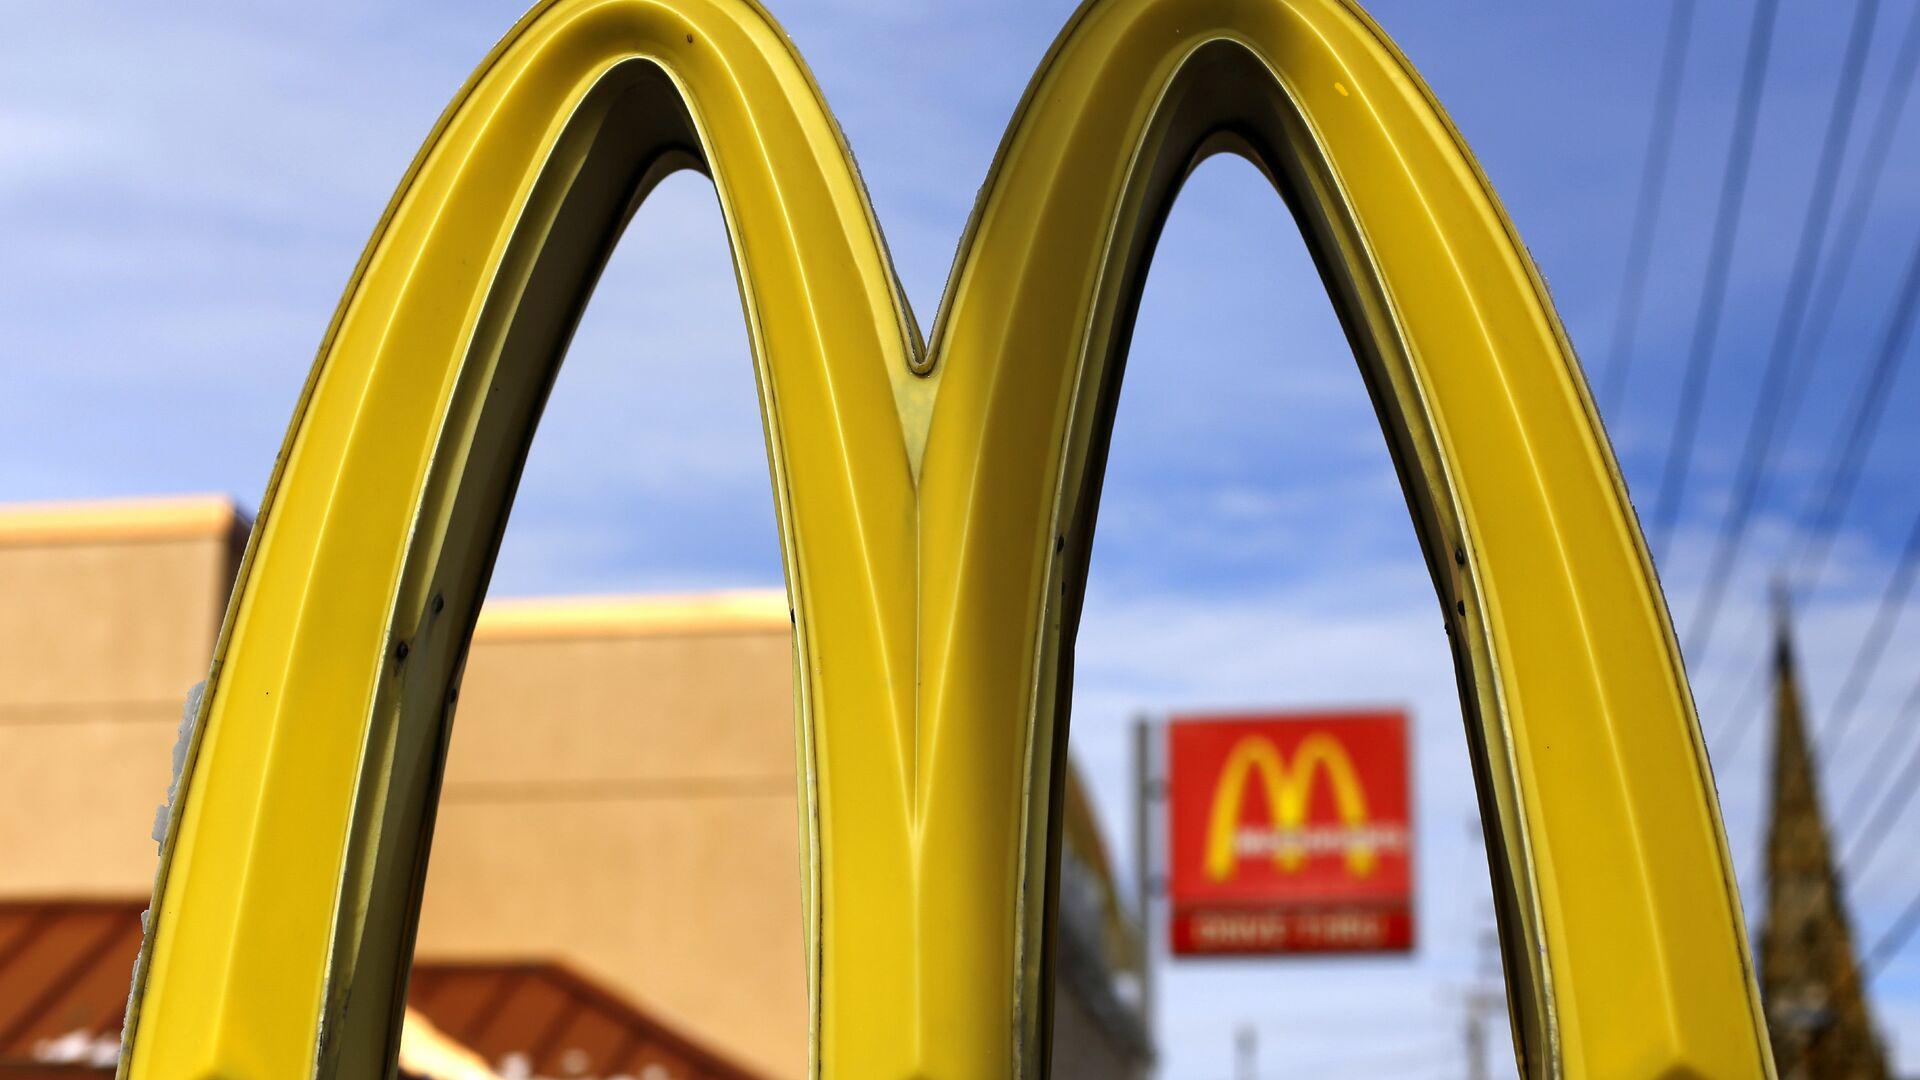 Logo de McDonald's - Sputnik Mundo, 1920, 25.02.2021